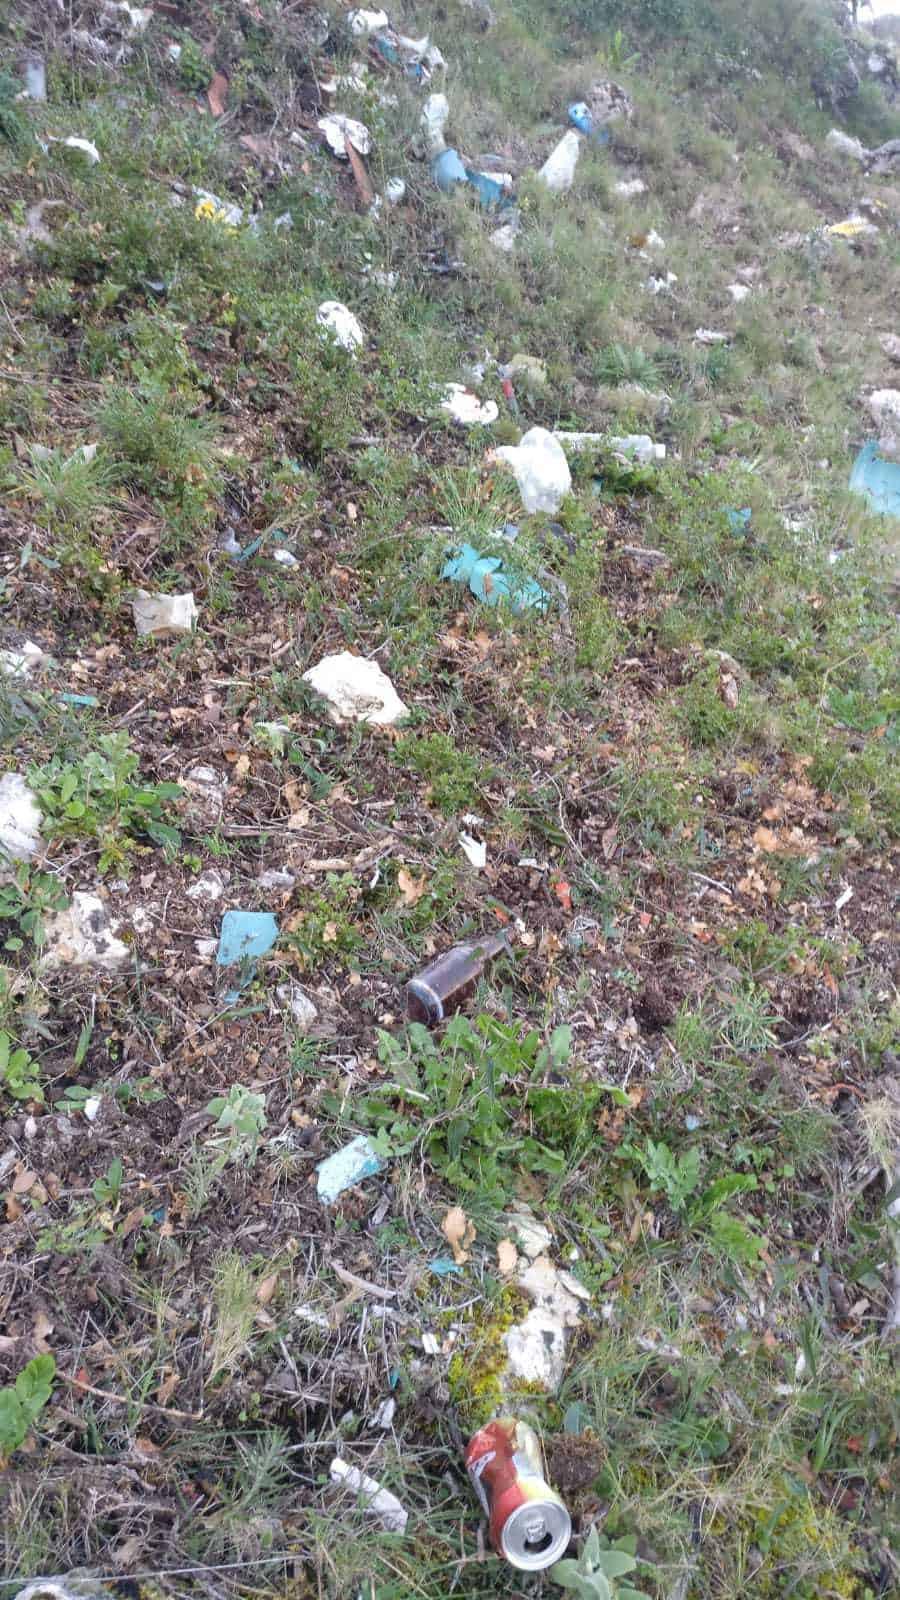 recorrida basura eco conciencia (4)